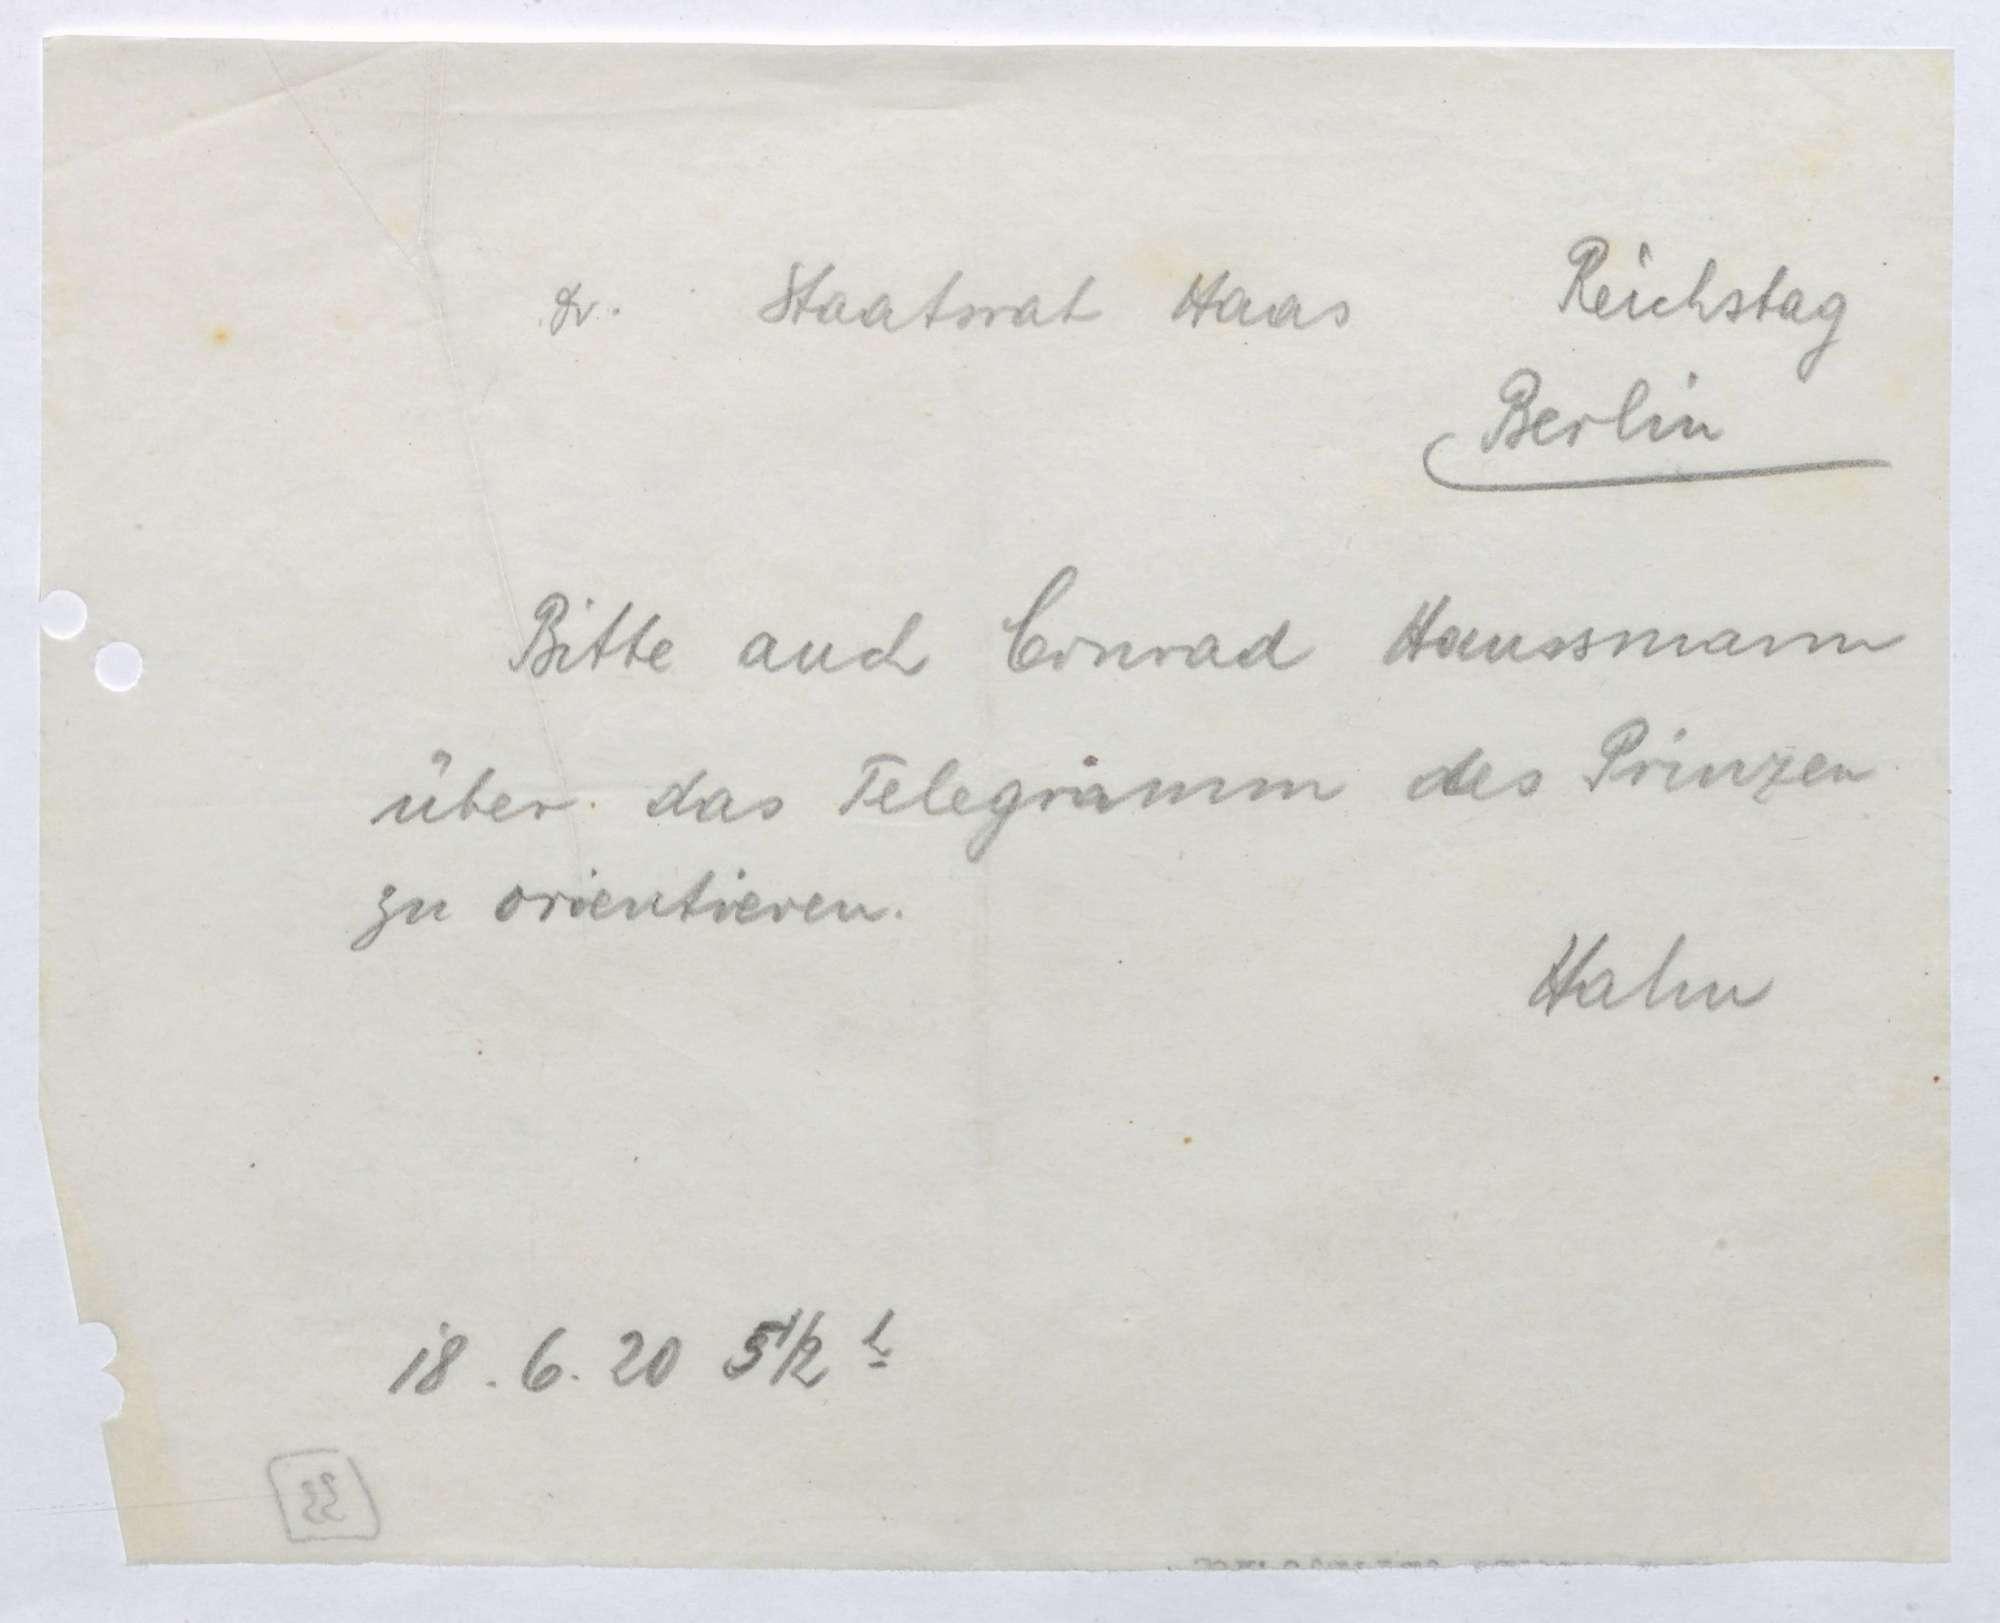 Nachricht von Kurt Hahn an Ludwig Haas; Benachrichtigung Conrad Haußmanns über ein Telegramm des Prinzen Max, Bild 1